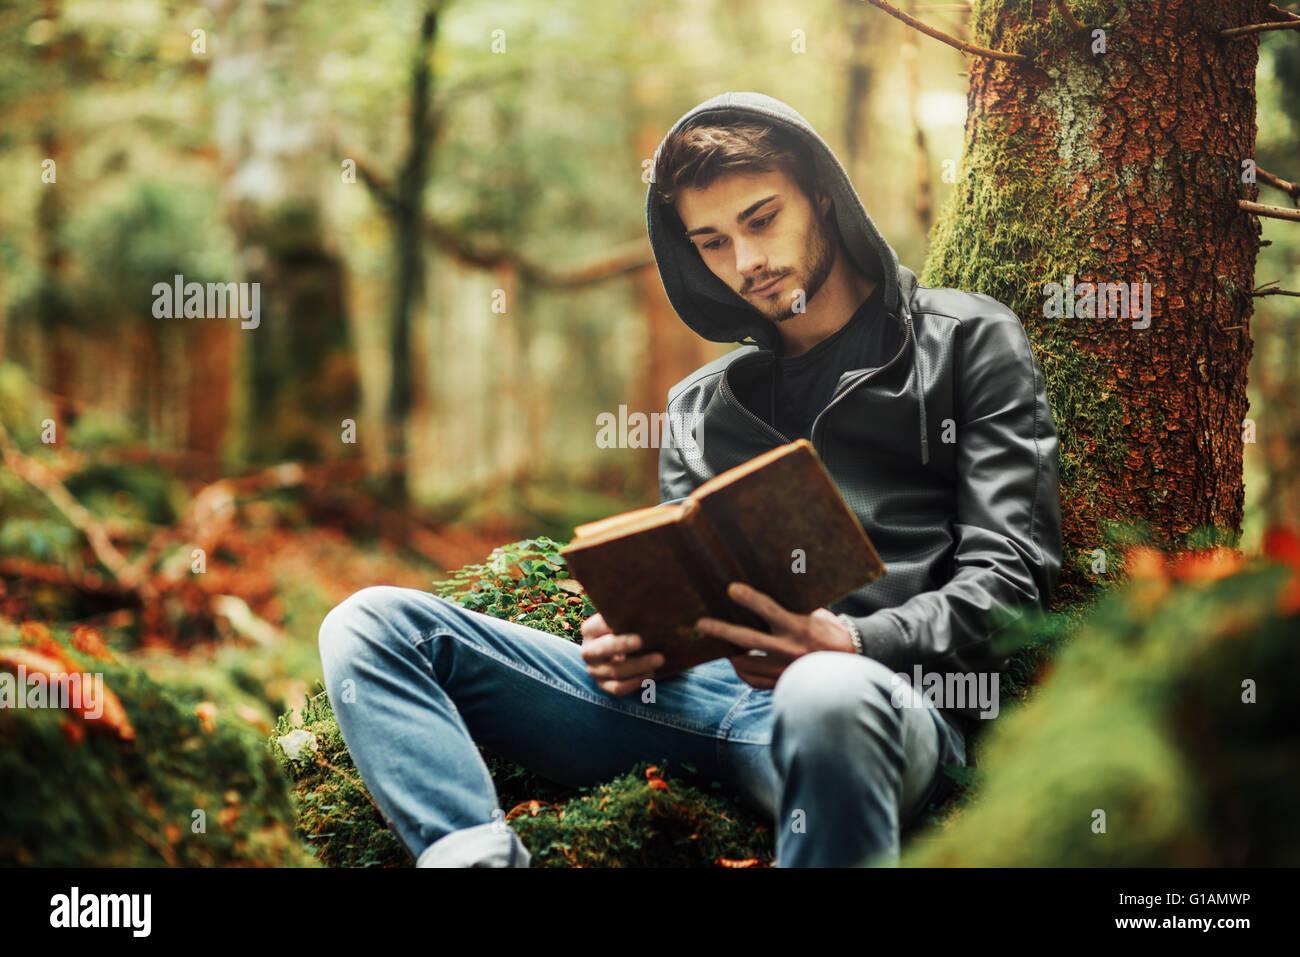 L'uomo della lettura in natura e relax all'aperto, libertà e individualità concept Immagini Stock